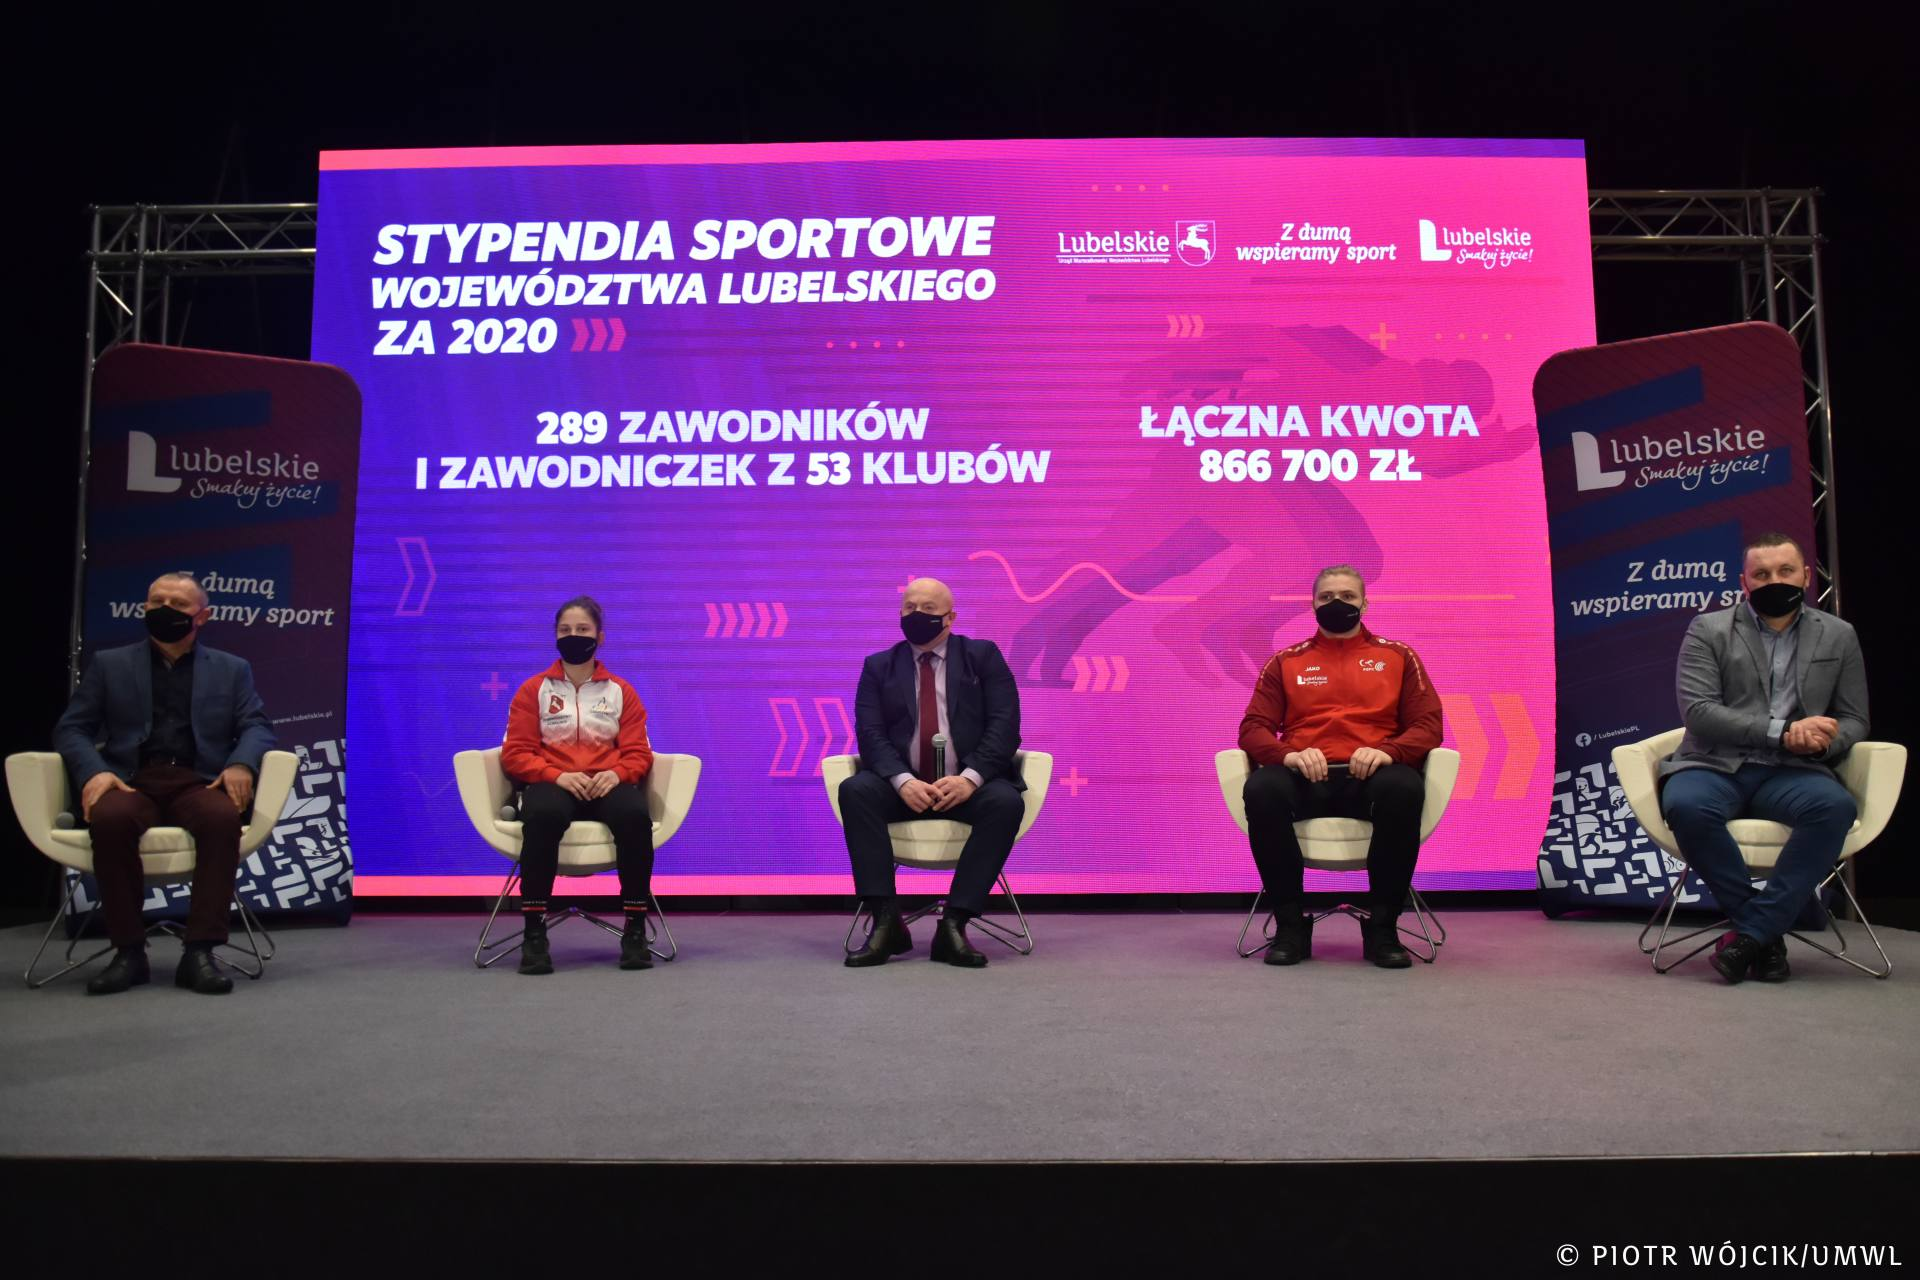 umw 0051 Stypendia sportowe Marszałka Woj. Lubelskiego na rok 2021 przyznane